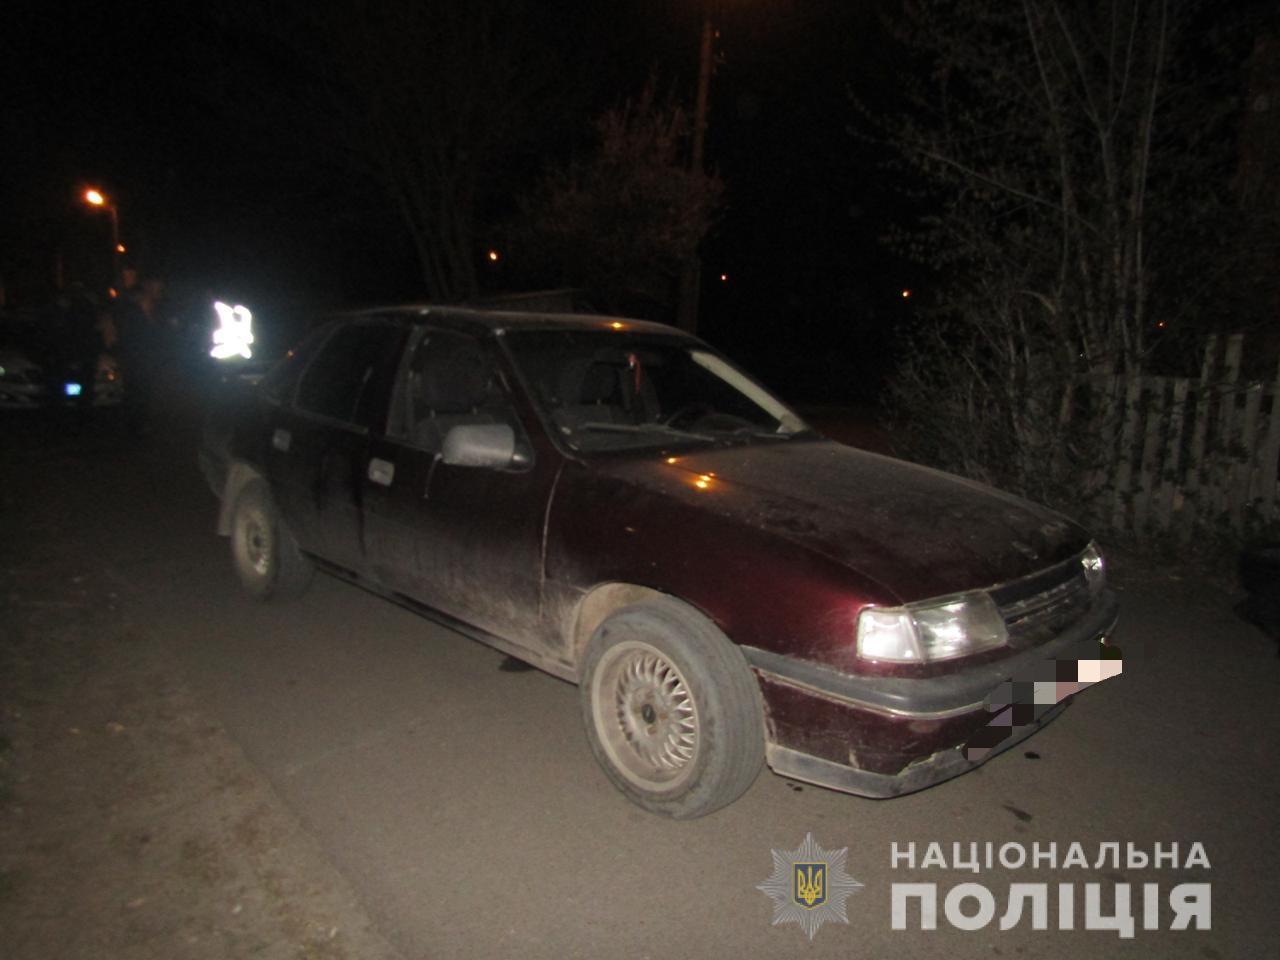 На Обухівщині упродовж доби розкрили дві крадіжки авто - поліція Київщини, Козин - 96C2E531 3920 428B 8465 142EF85433C4